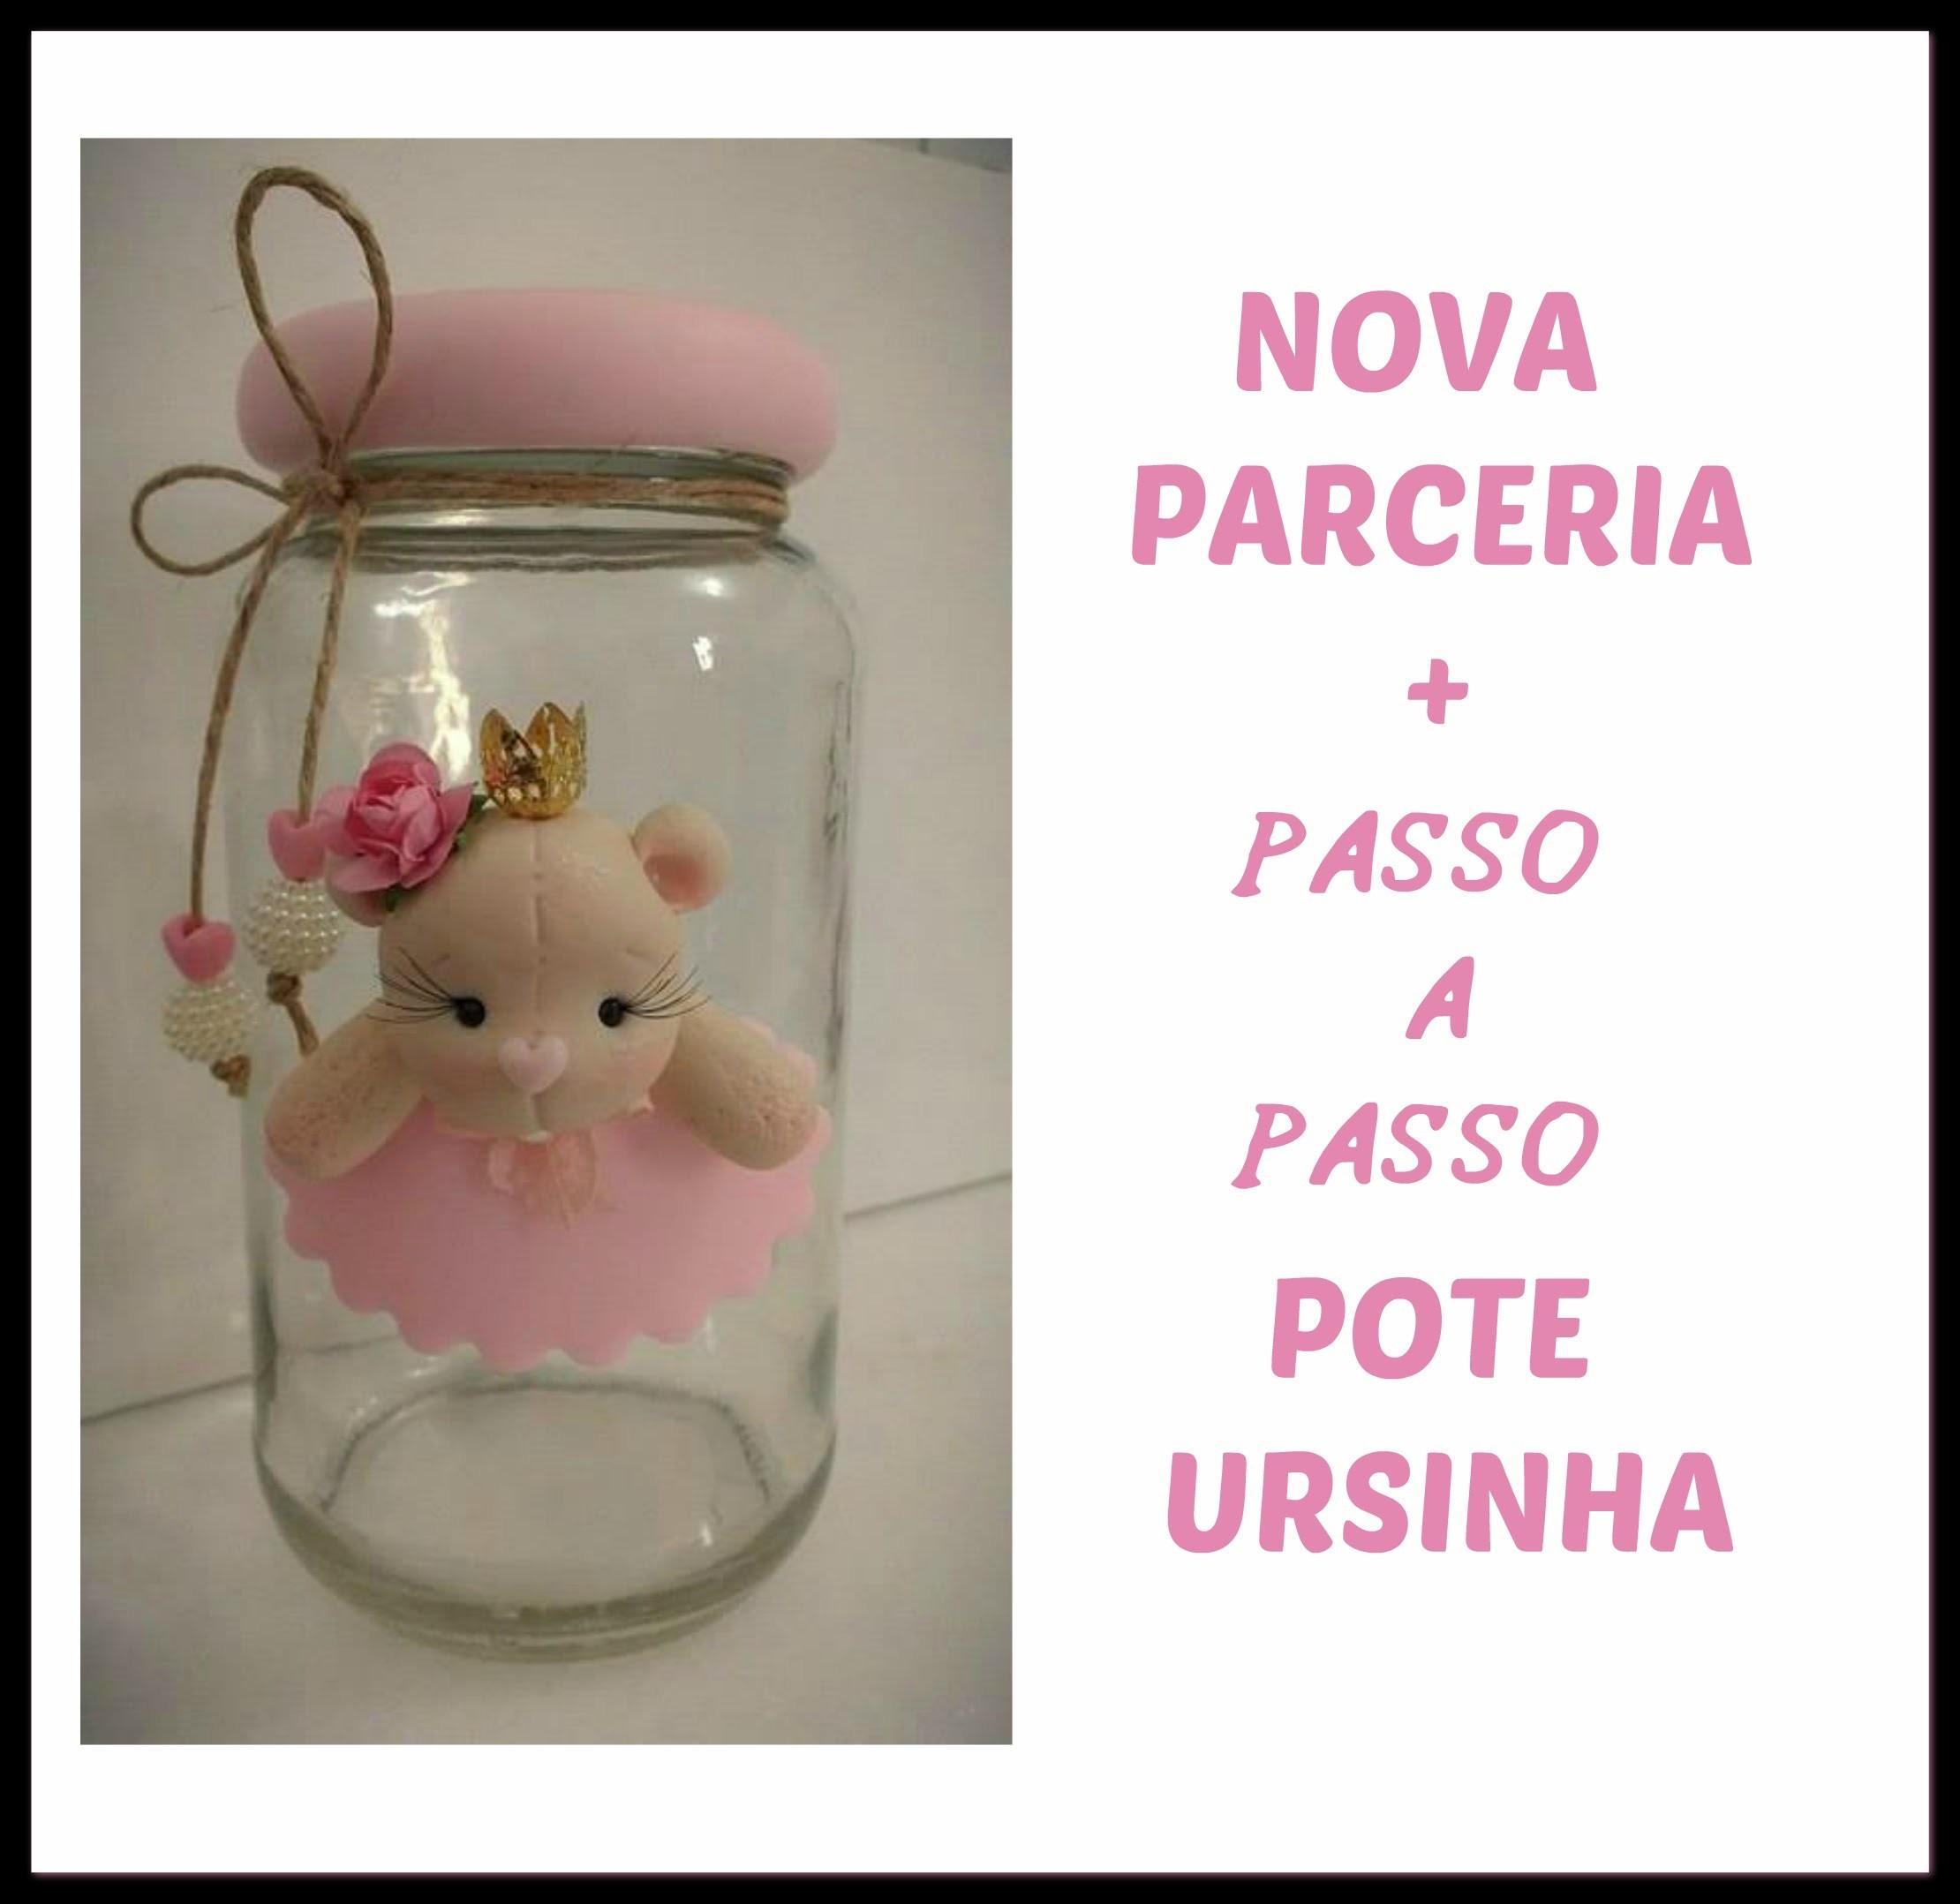 NOVA PARCERIA + PASSO A PASSO - POTE URSINHA